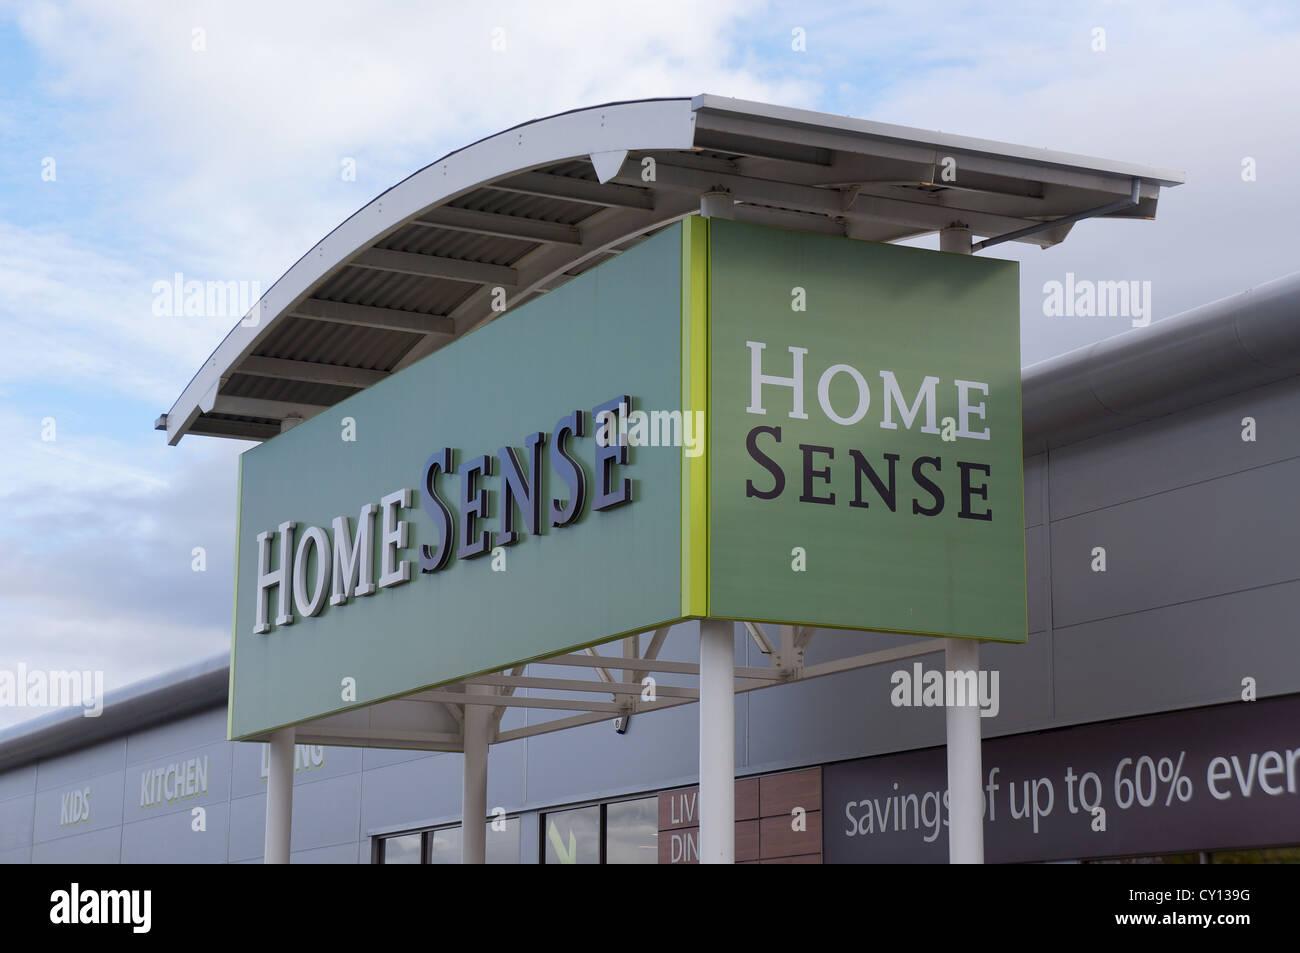 Home senso store, merry hill, Regno Unito Immagini Stock